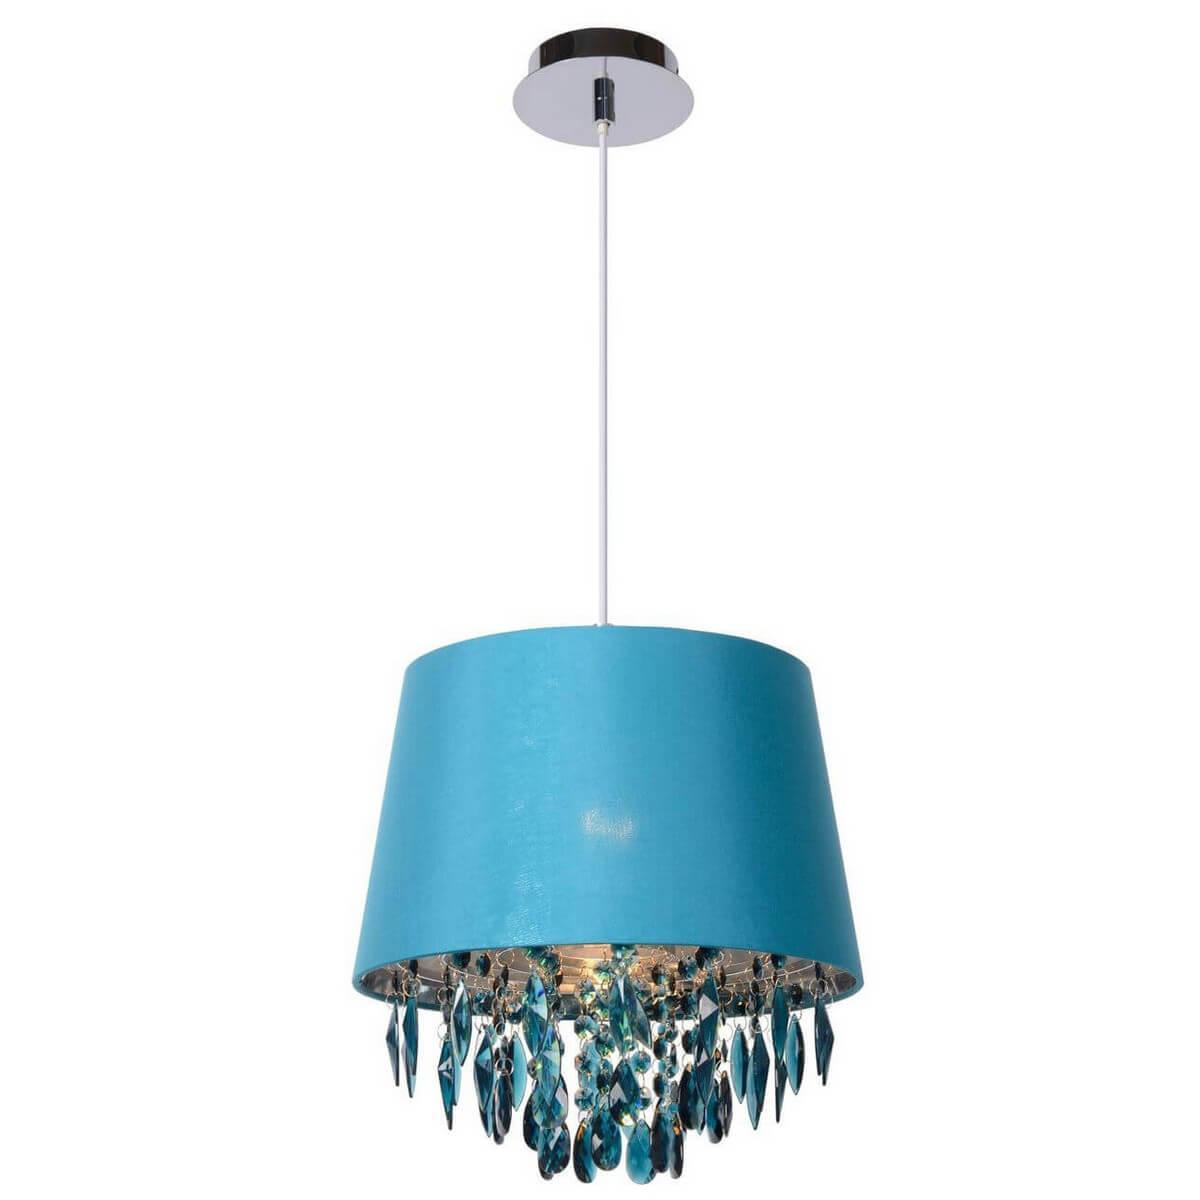 Подвесной светильник Lucide 78368/30/37, E27, 18 Вт подвесной светильник lucide dolti 78368 45 31